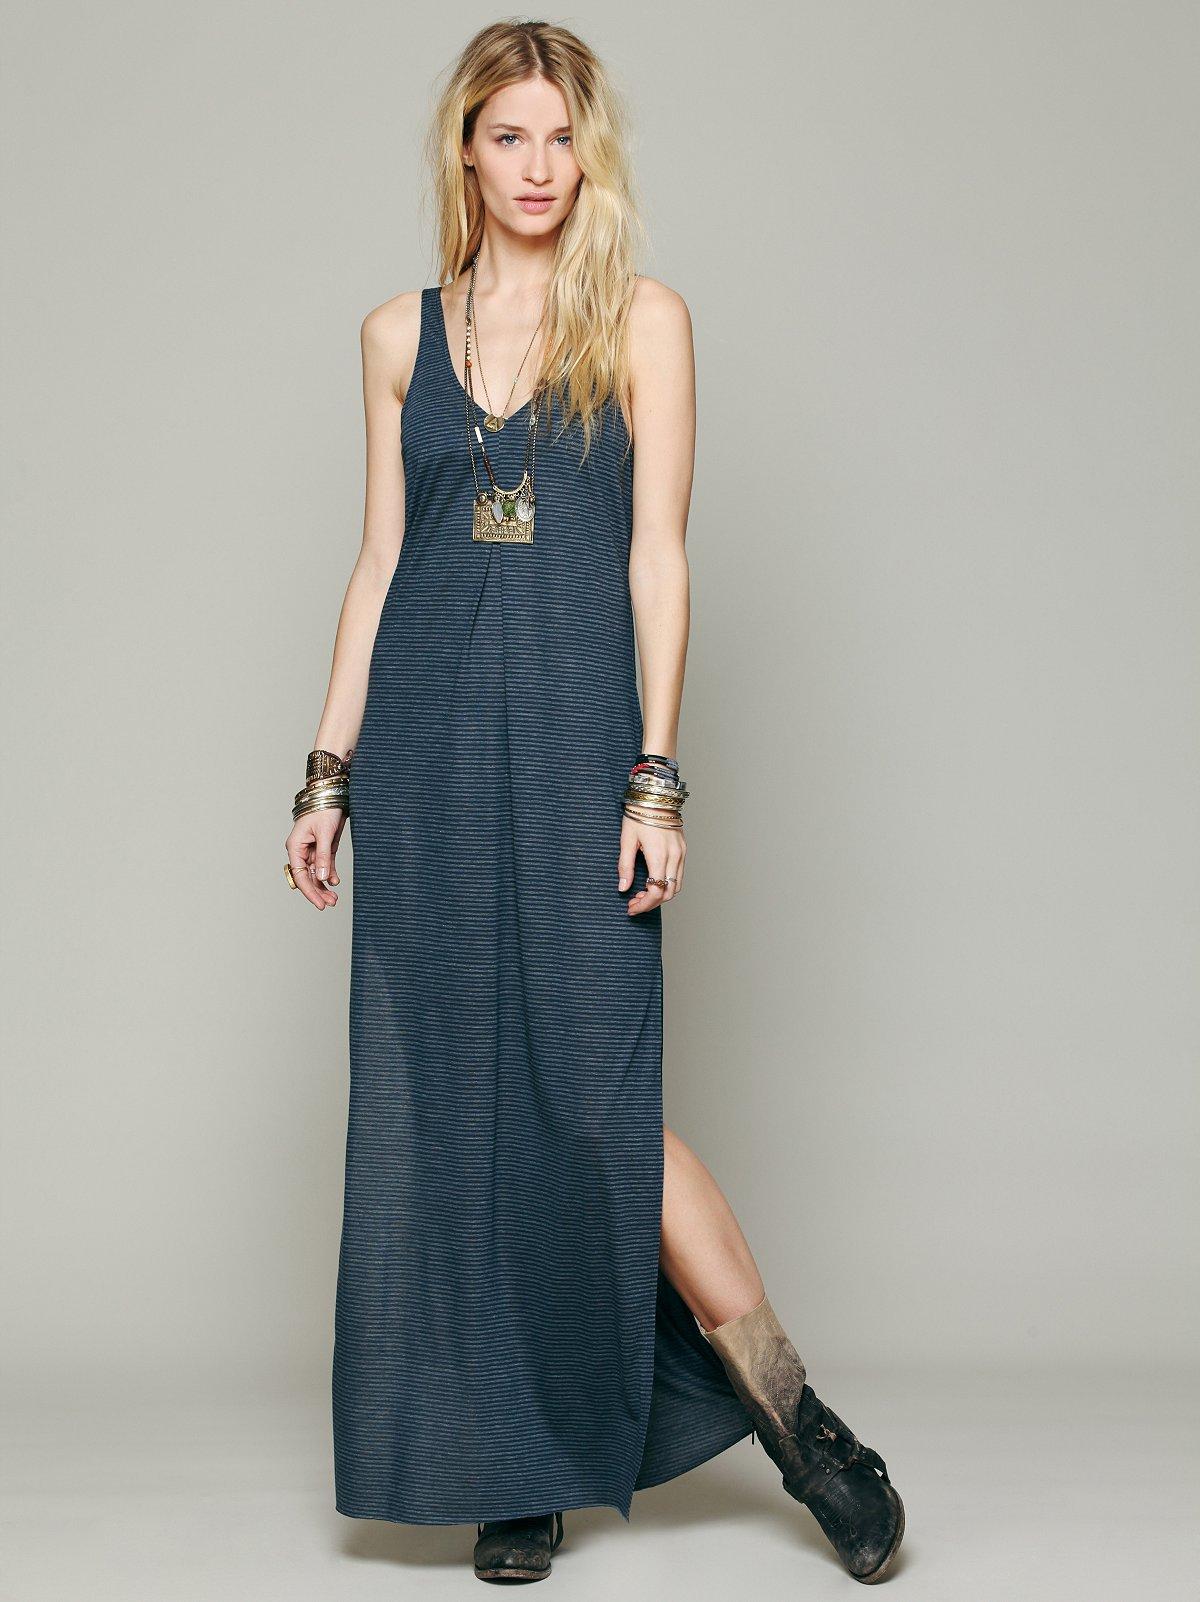 Loco Pez Dress